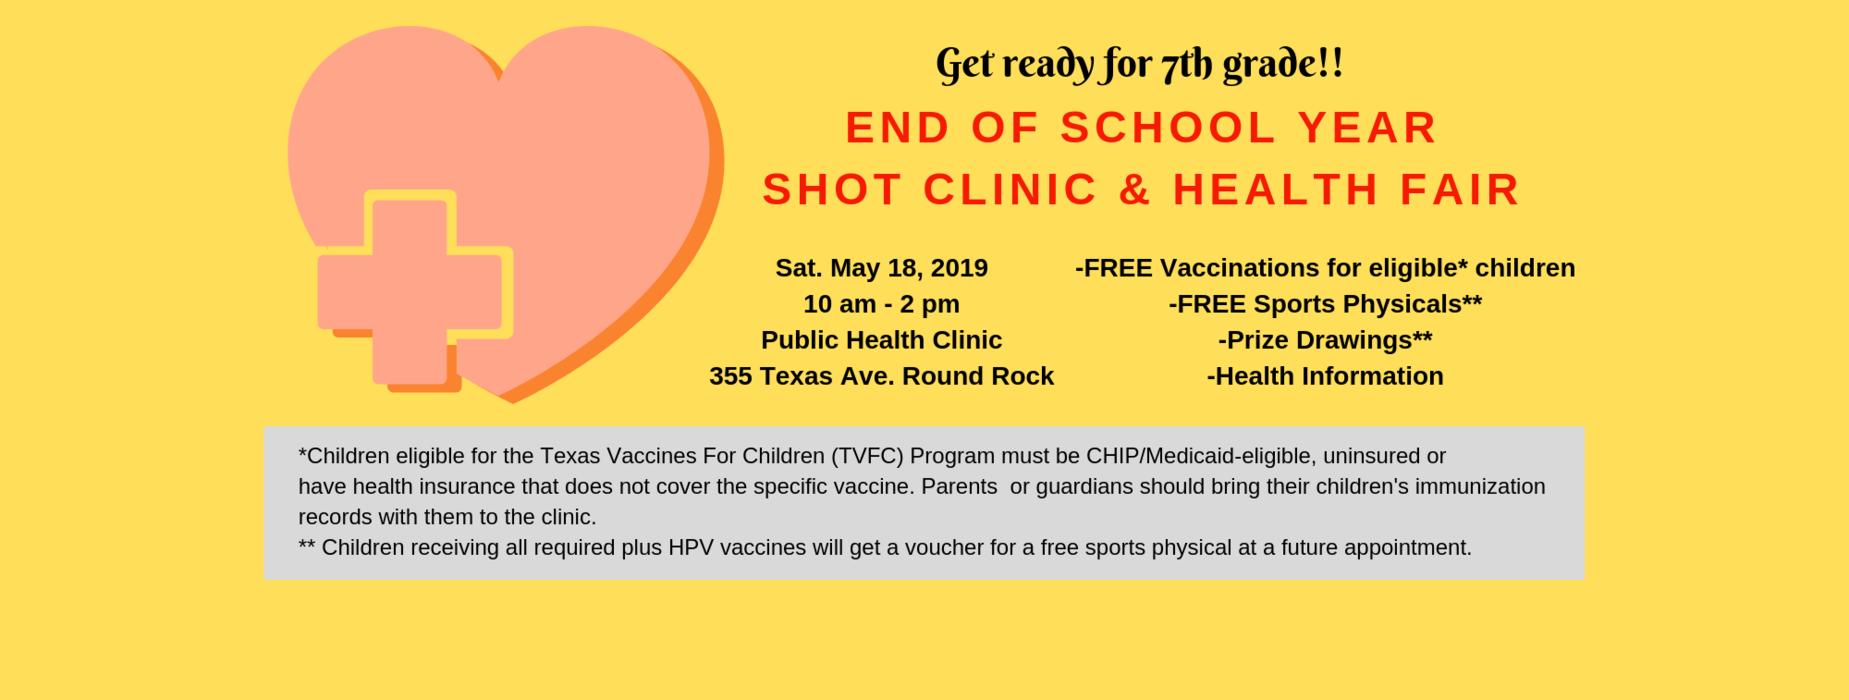 shot clinic